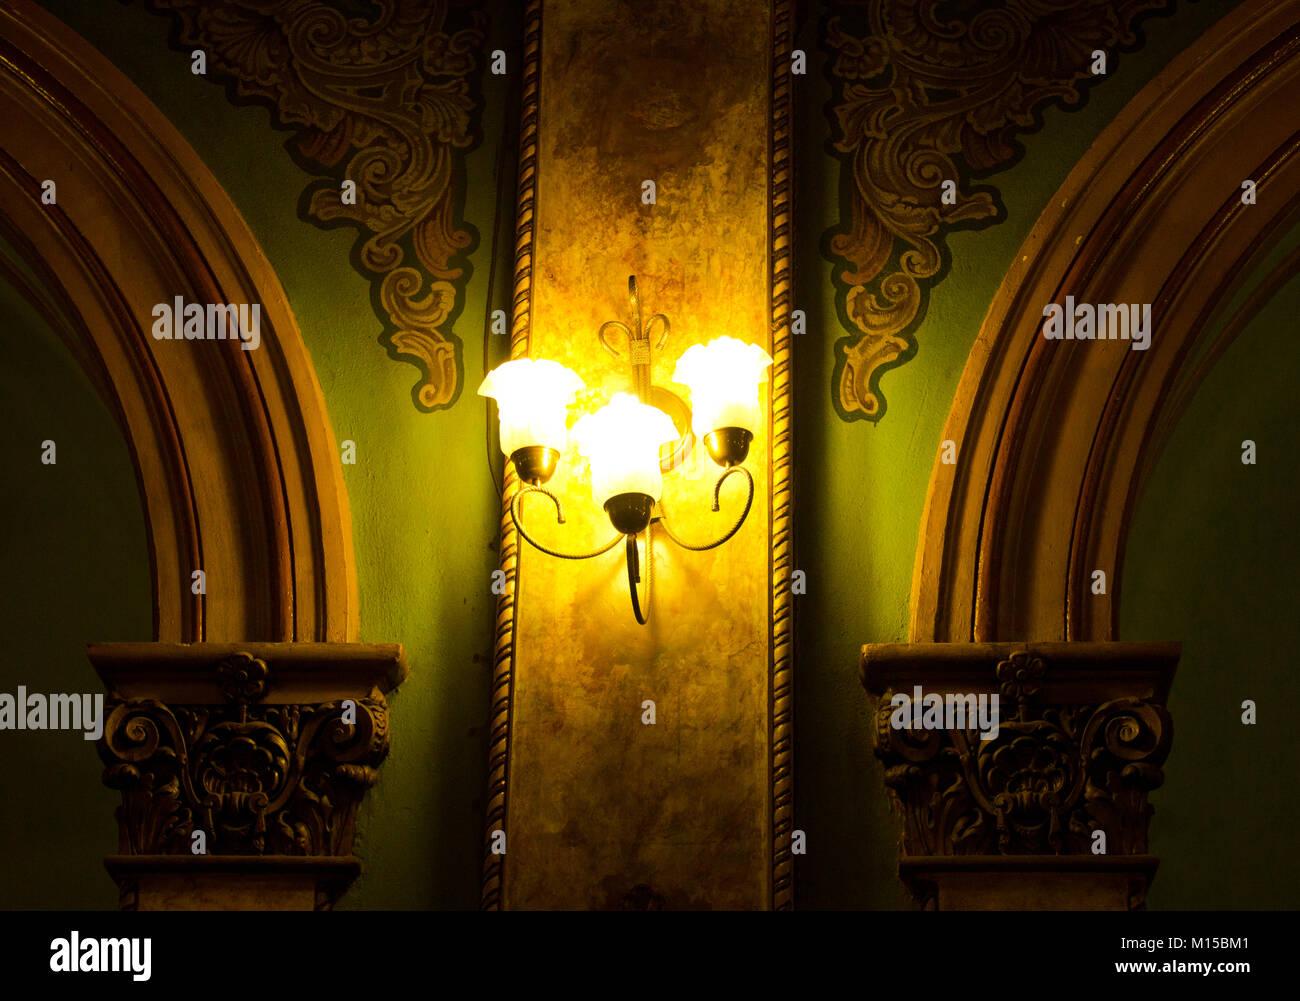 Lampadari Per Soffitti Bassi : Apparecchio di illuminazione illuminazione per soffitti bassi